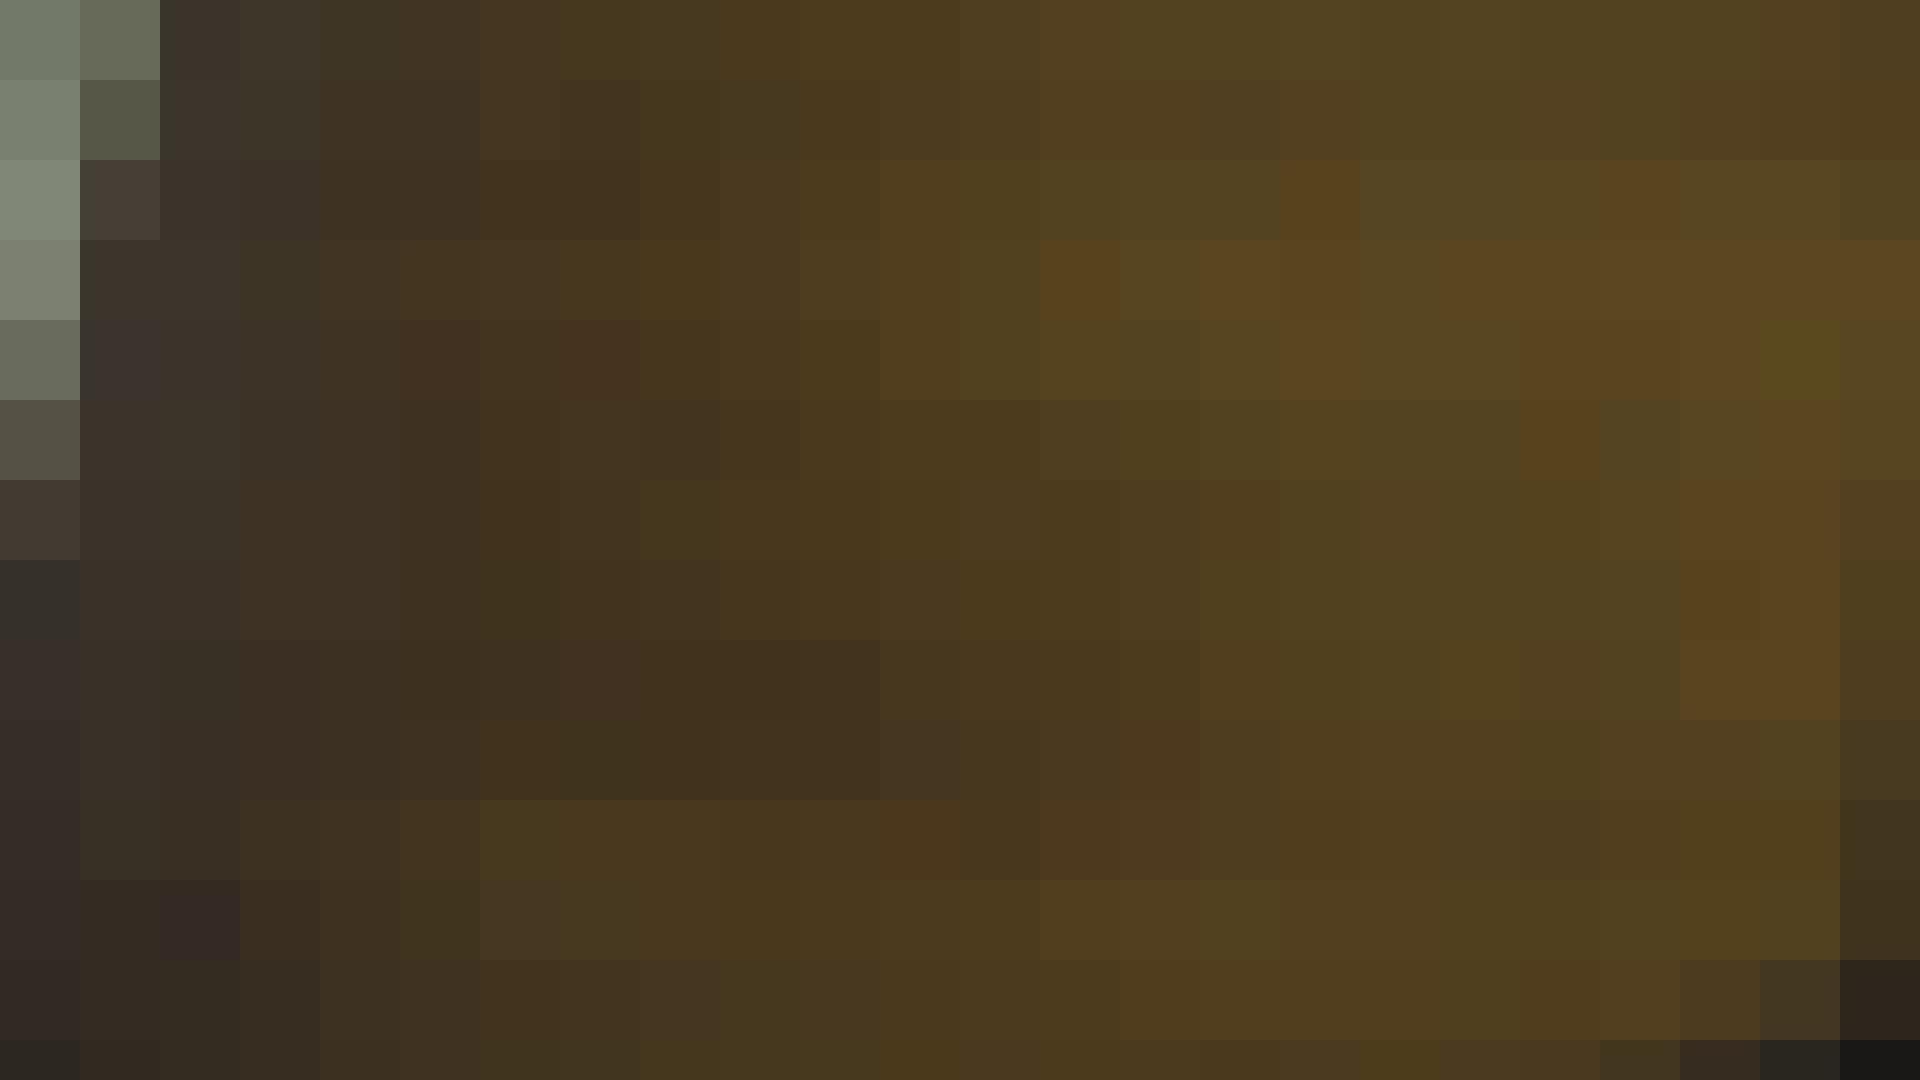 阿国ちゃんの「和式洋式七変化」No.18 iBO(フタコブ) 洗面所シーン すけべAV動画紹介 98画像 5